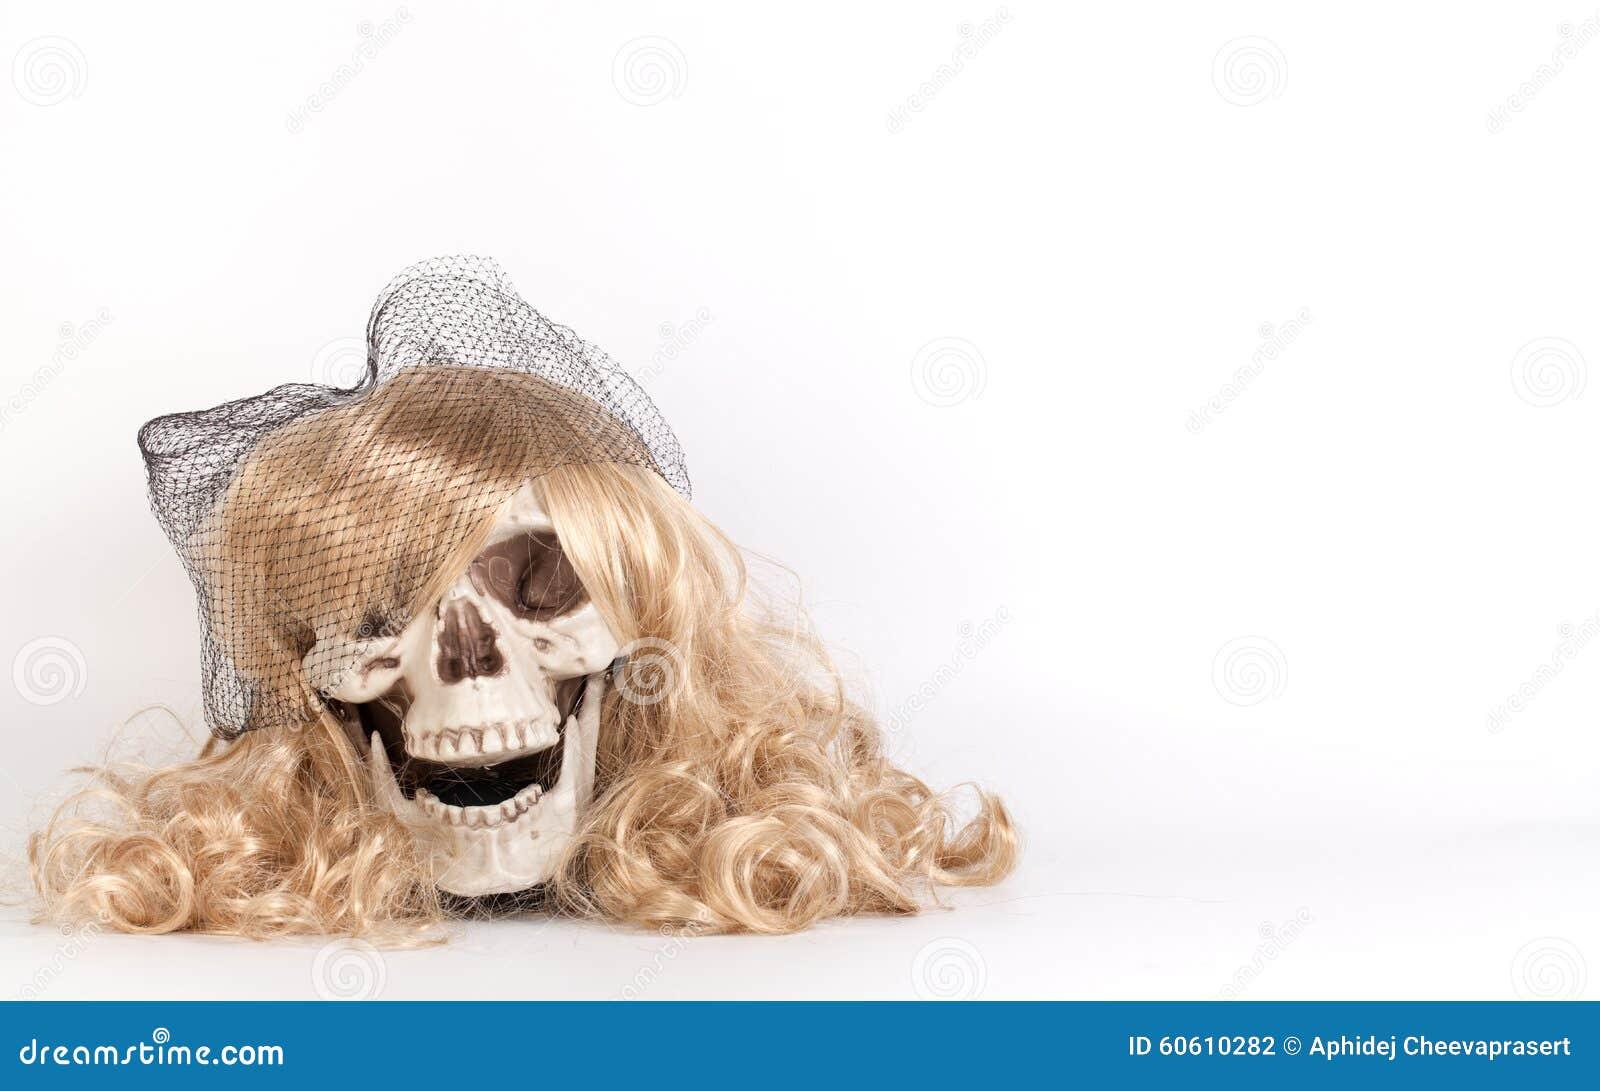 Long Blond Hair Facing Skull